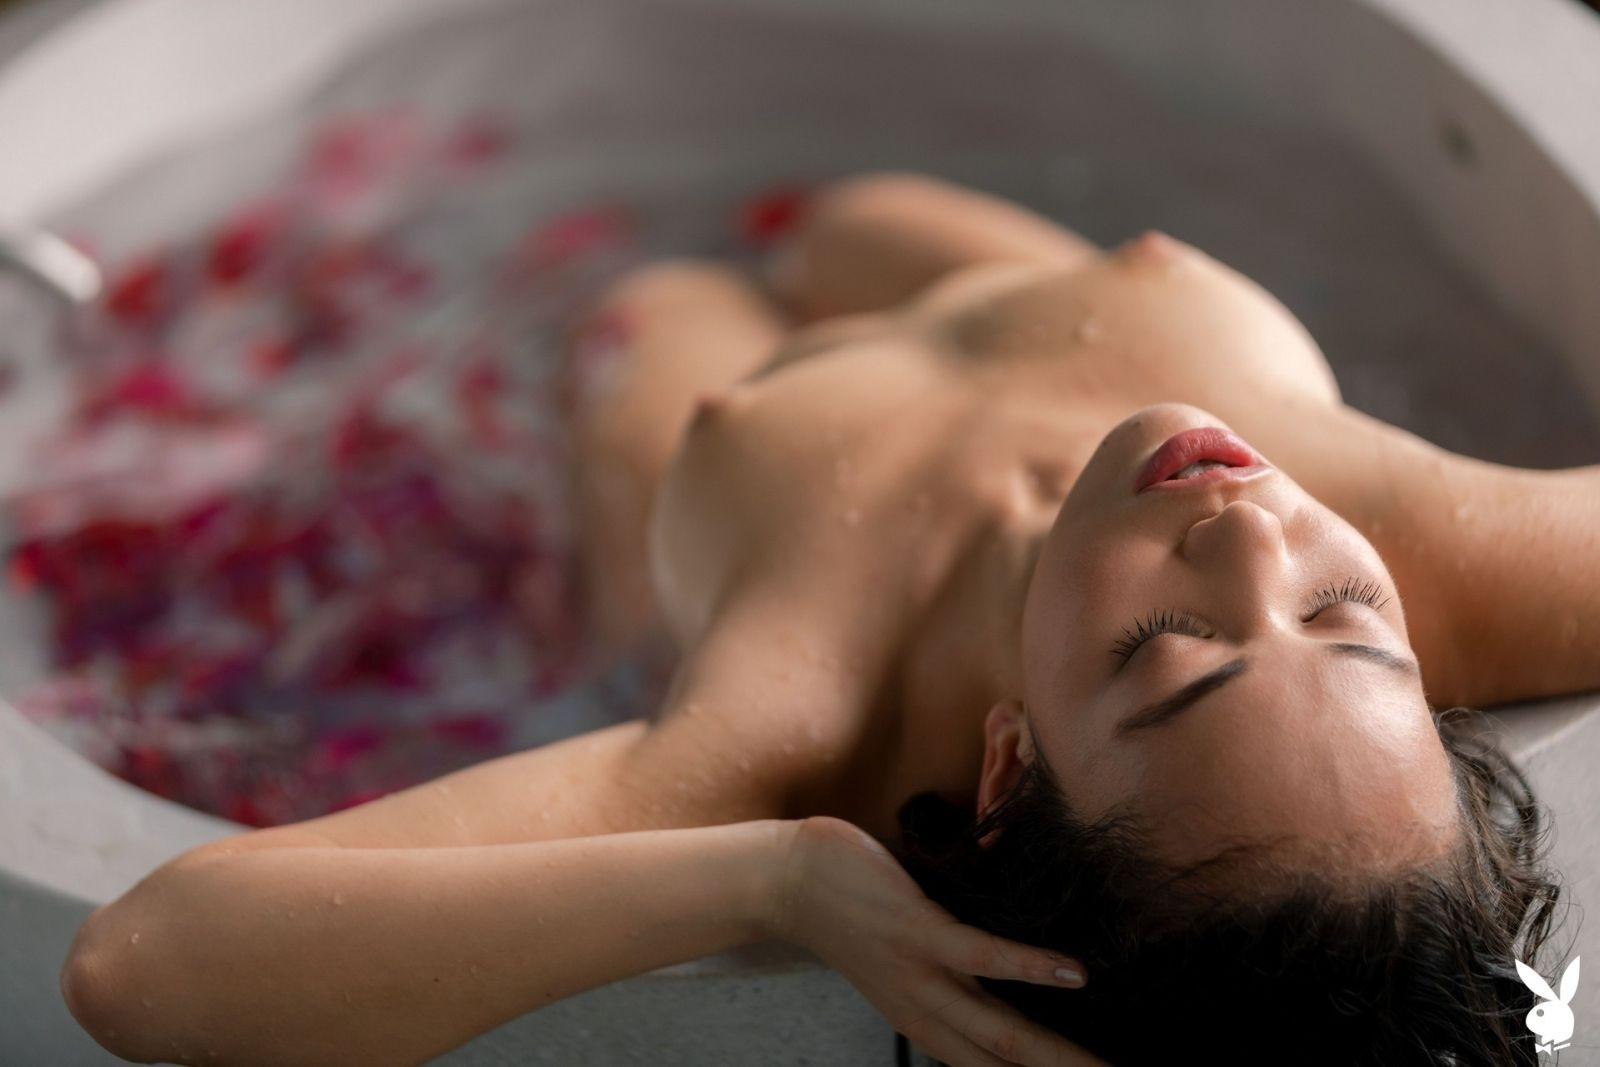 Красотка в кружевных трусах в ванной - фото